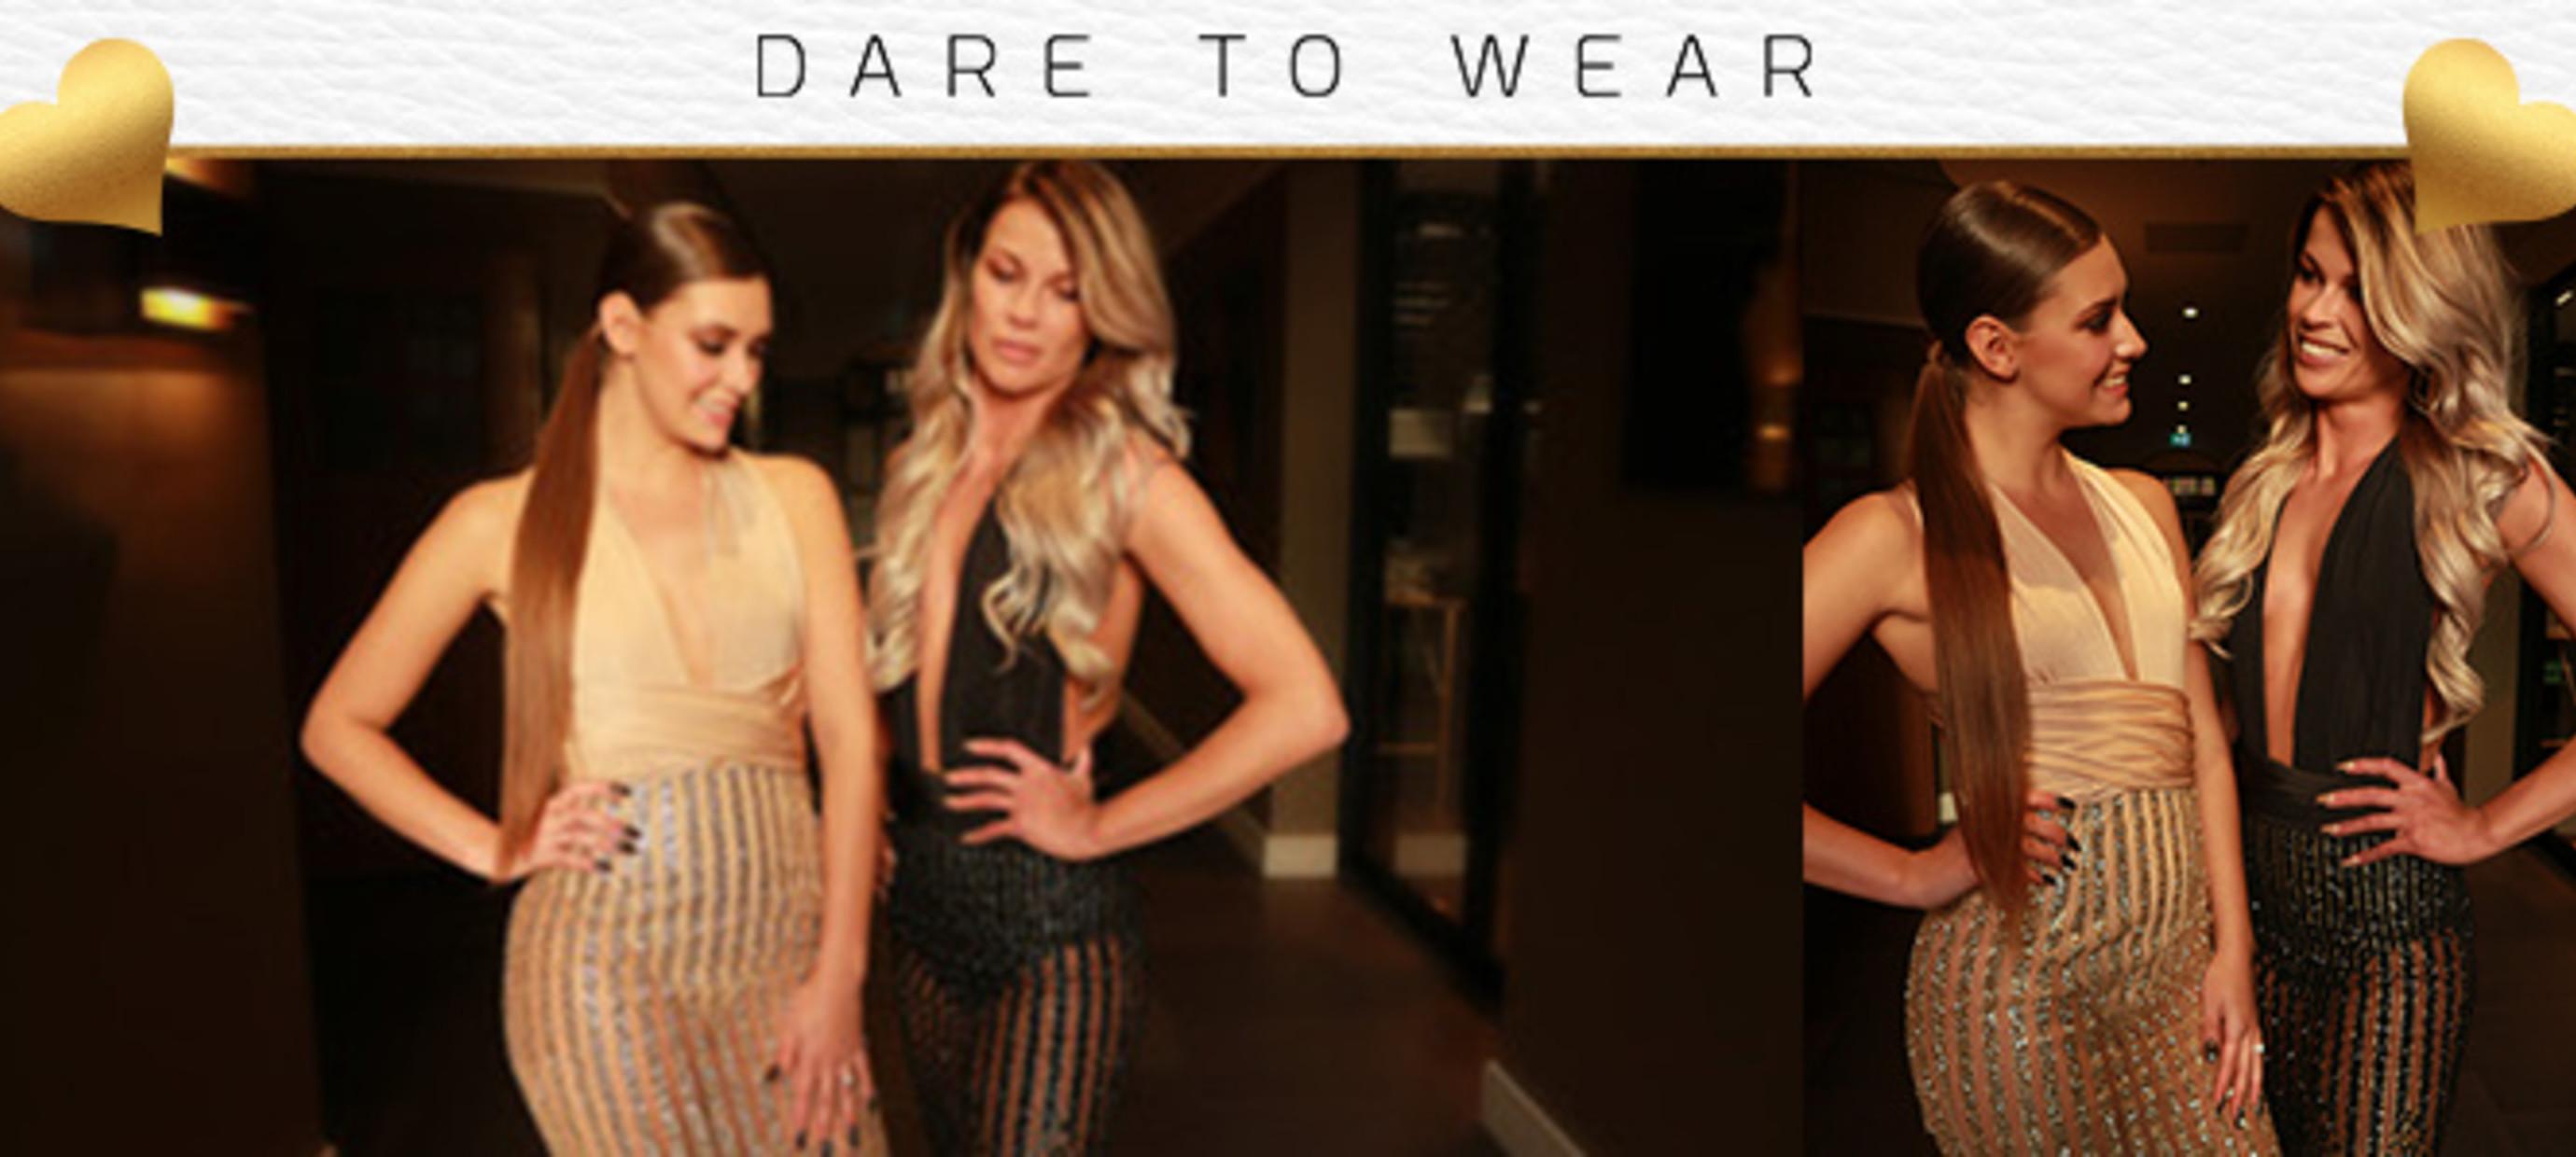 Vier nieuwjaar in stijl met onze kledingtips!